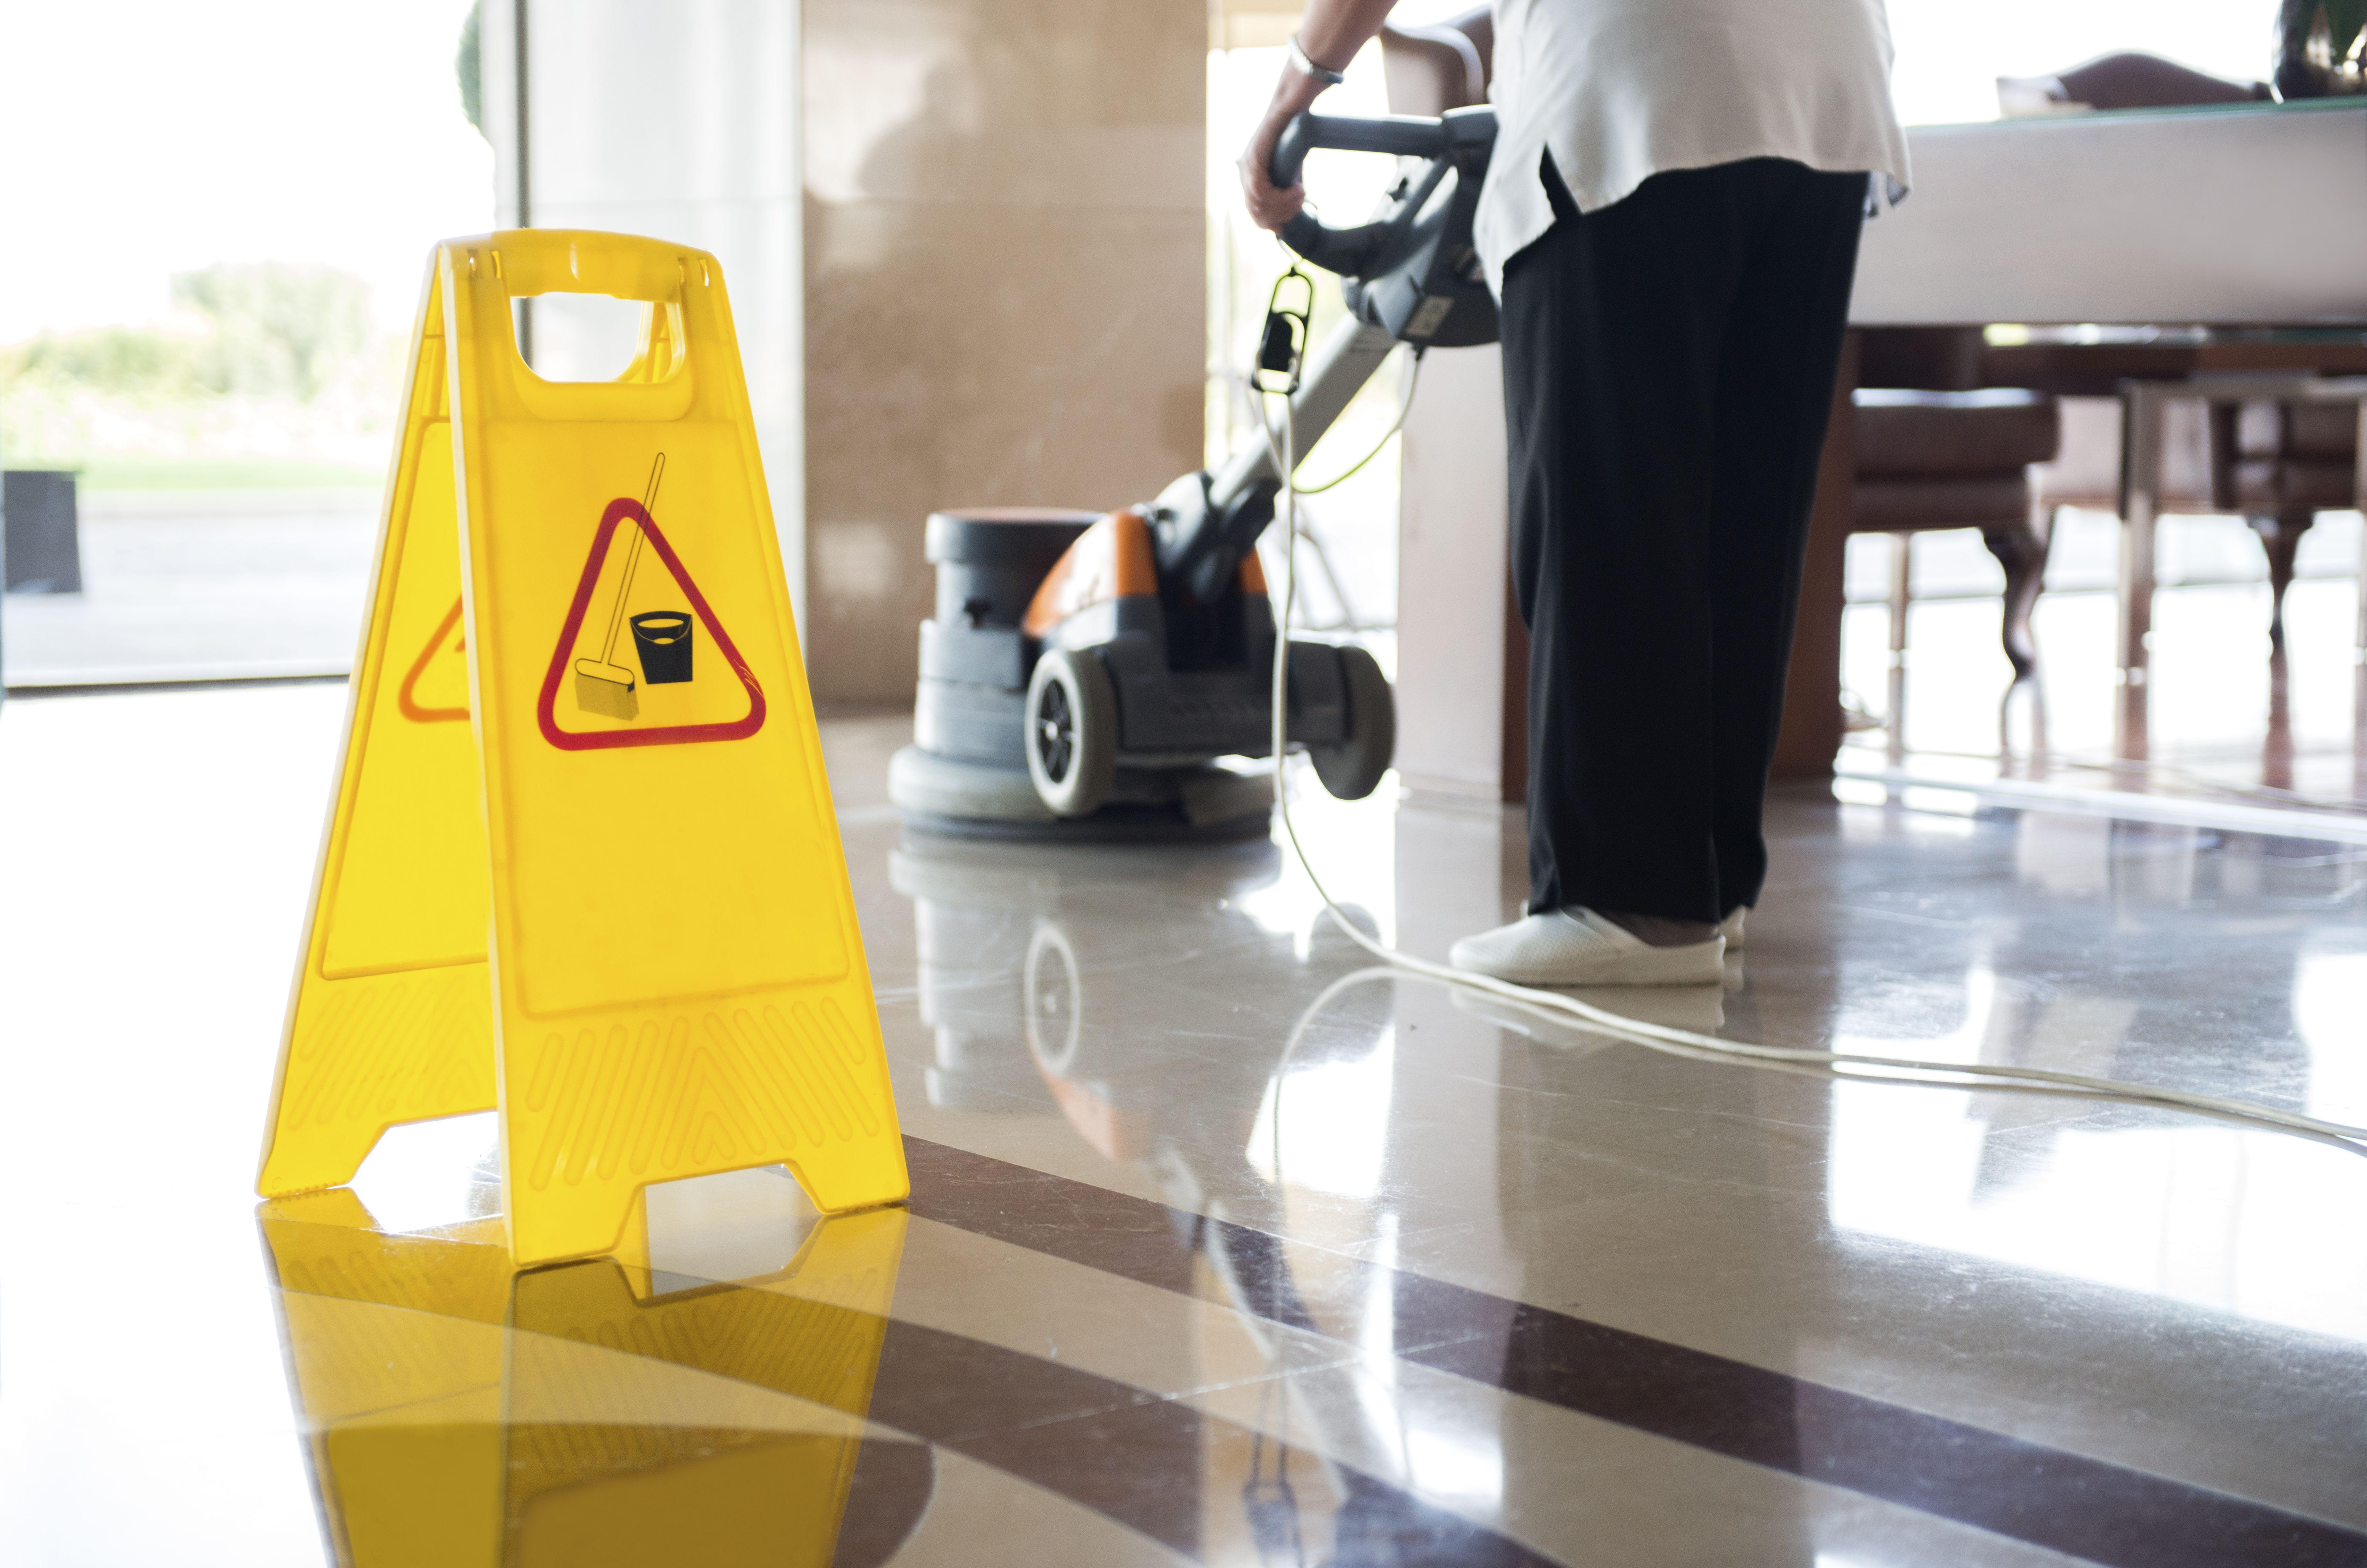 Servicios de limpieza enZaragoza